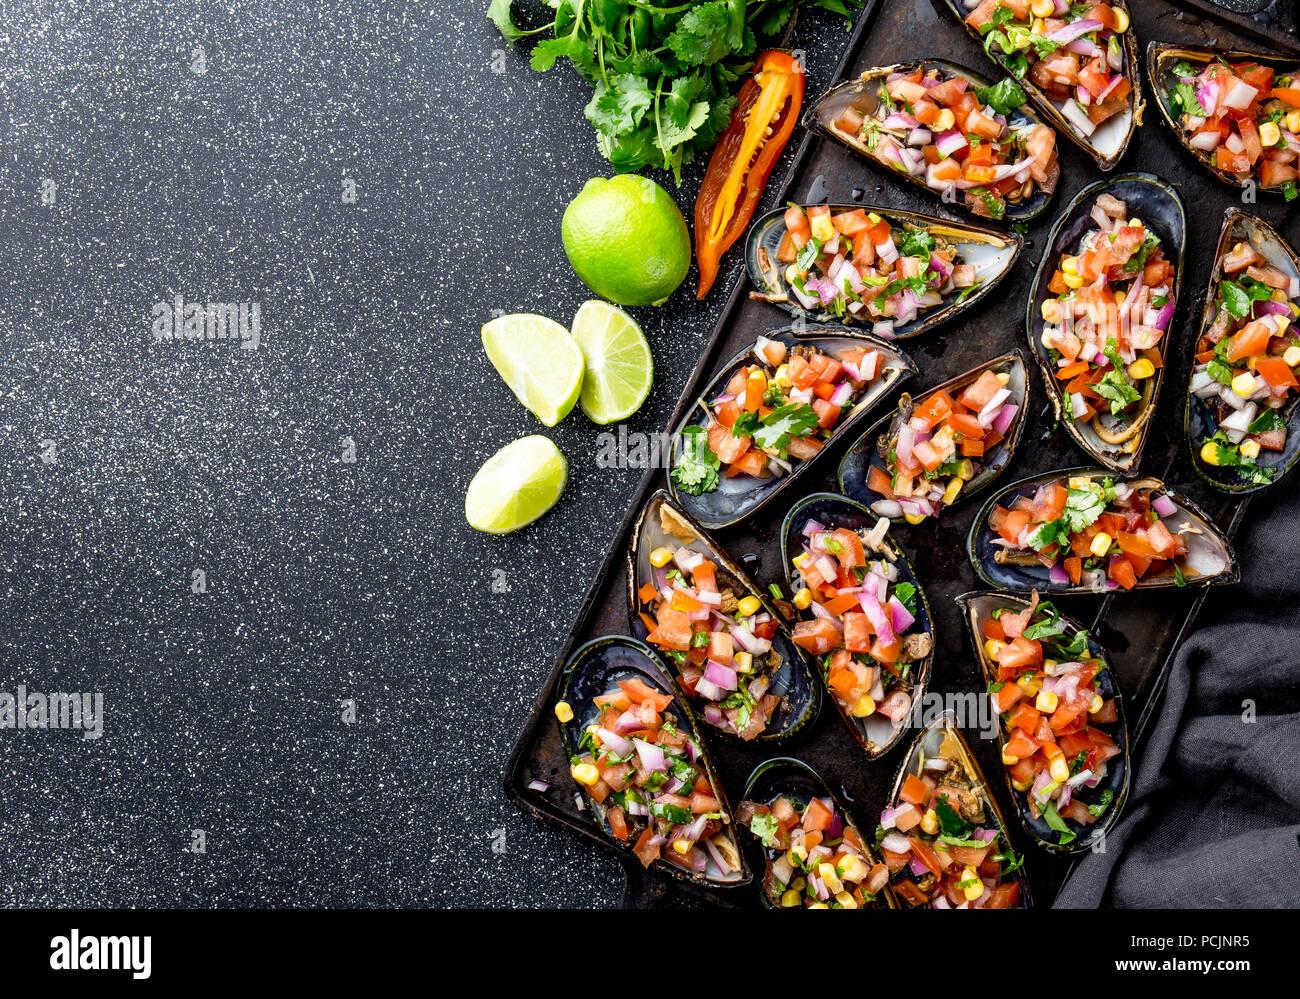 La nourriture péruvienne. Choros a la chalaca. Gros moules, choros zapatos assaisonné de purple oignon, les tomates, le maïs et le citron. Vue de dessus, fond noir. Plat péruvien traditionnel Photo Stock